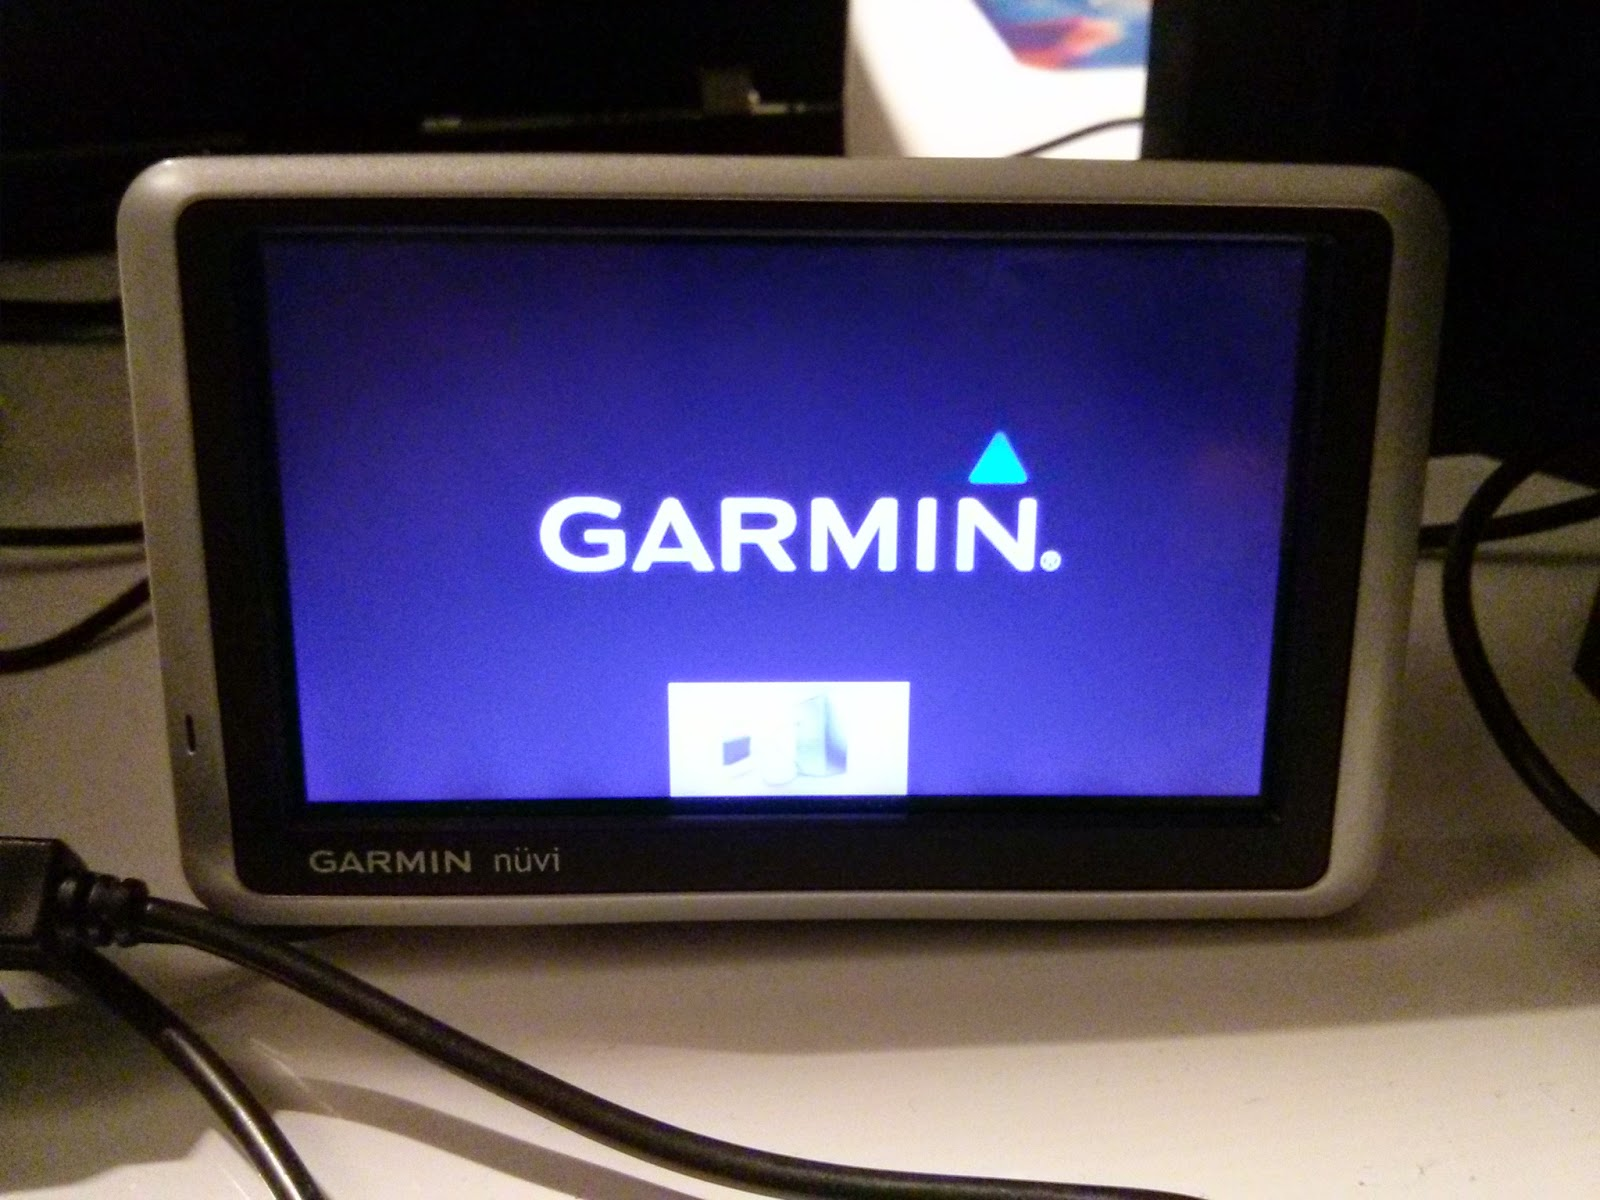 Sakarin kurssit: How to update Garmin nüvi 1300 navigator